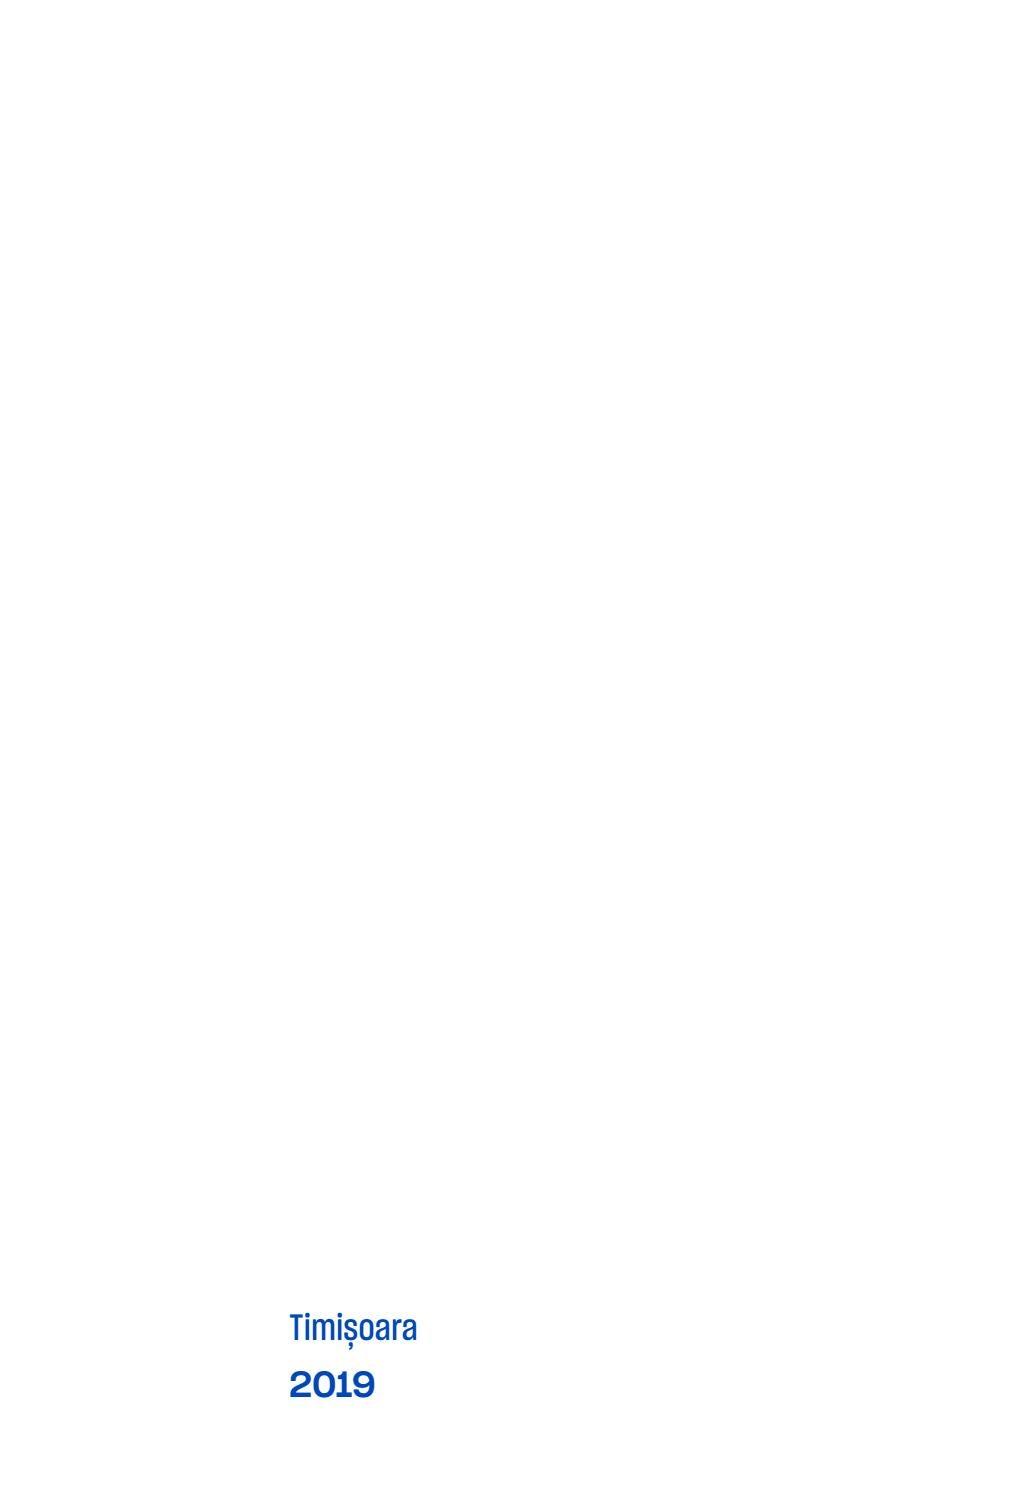 recenzii opțiunile binare gardian elvețian